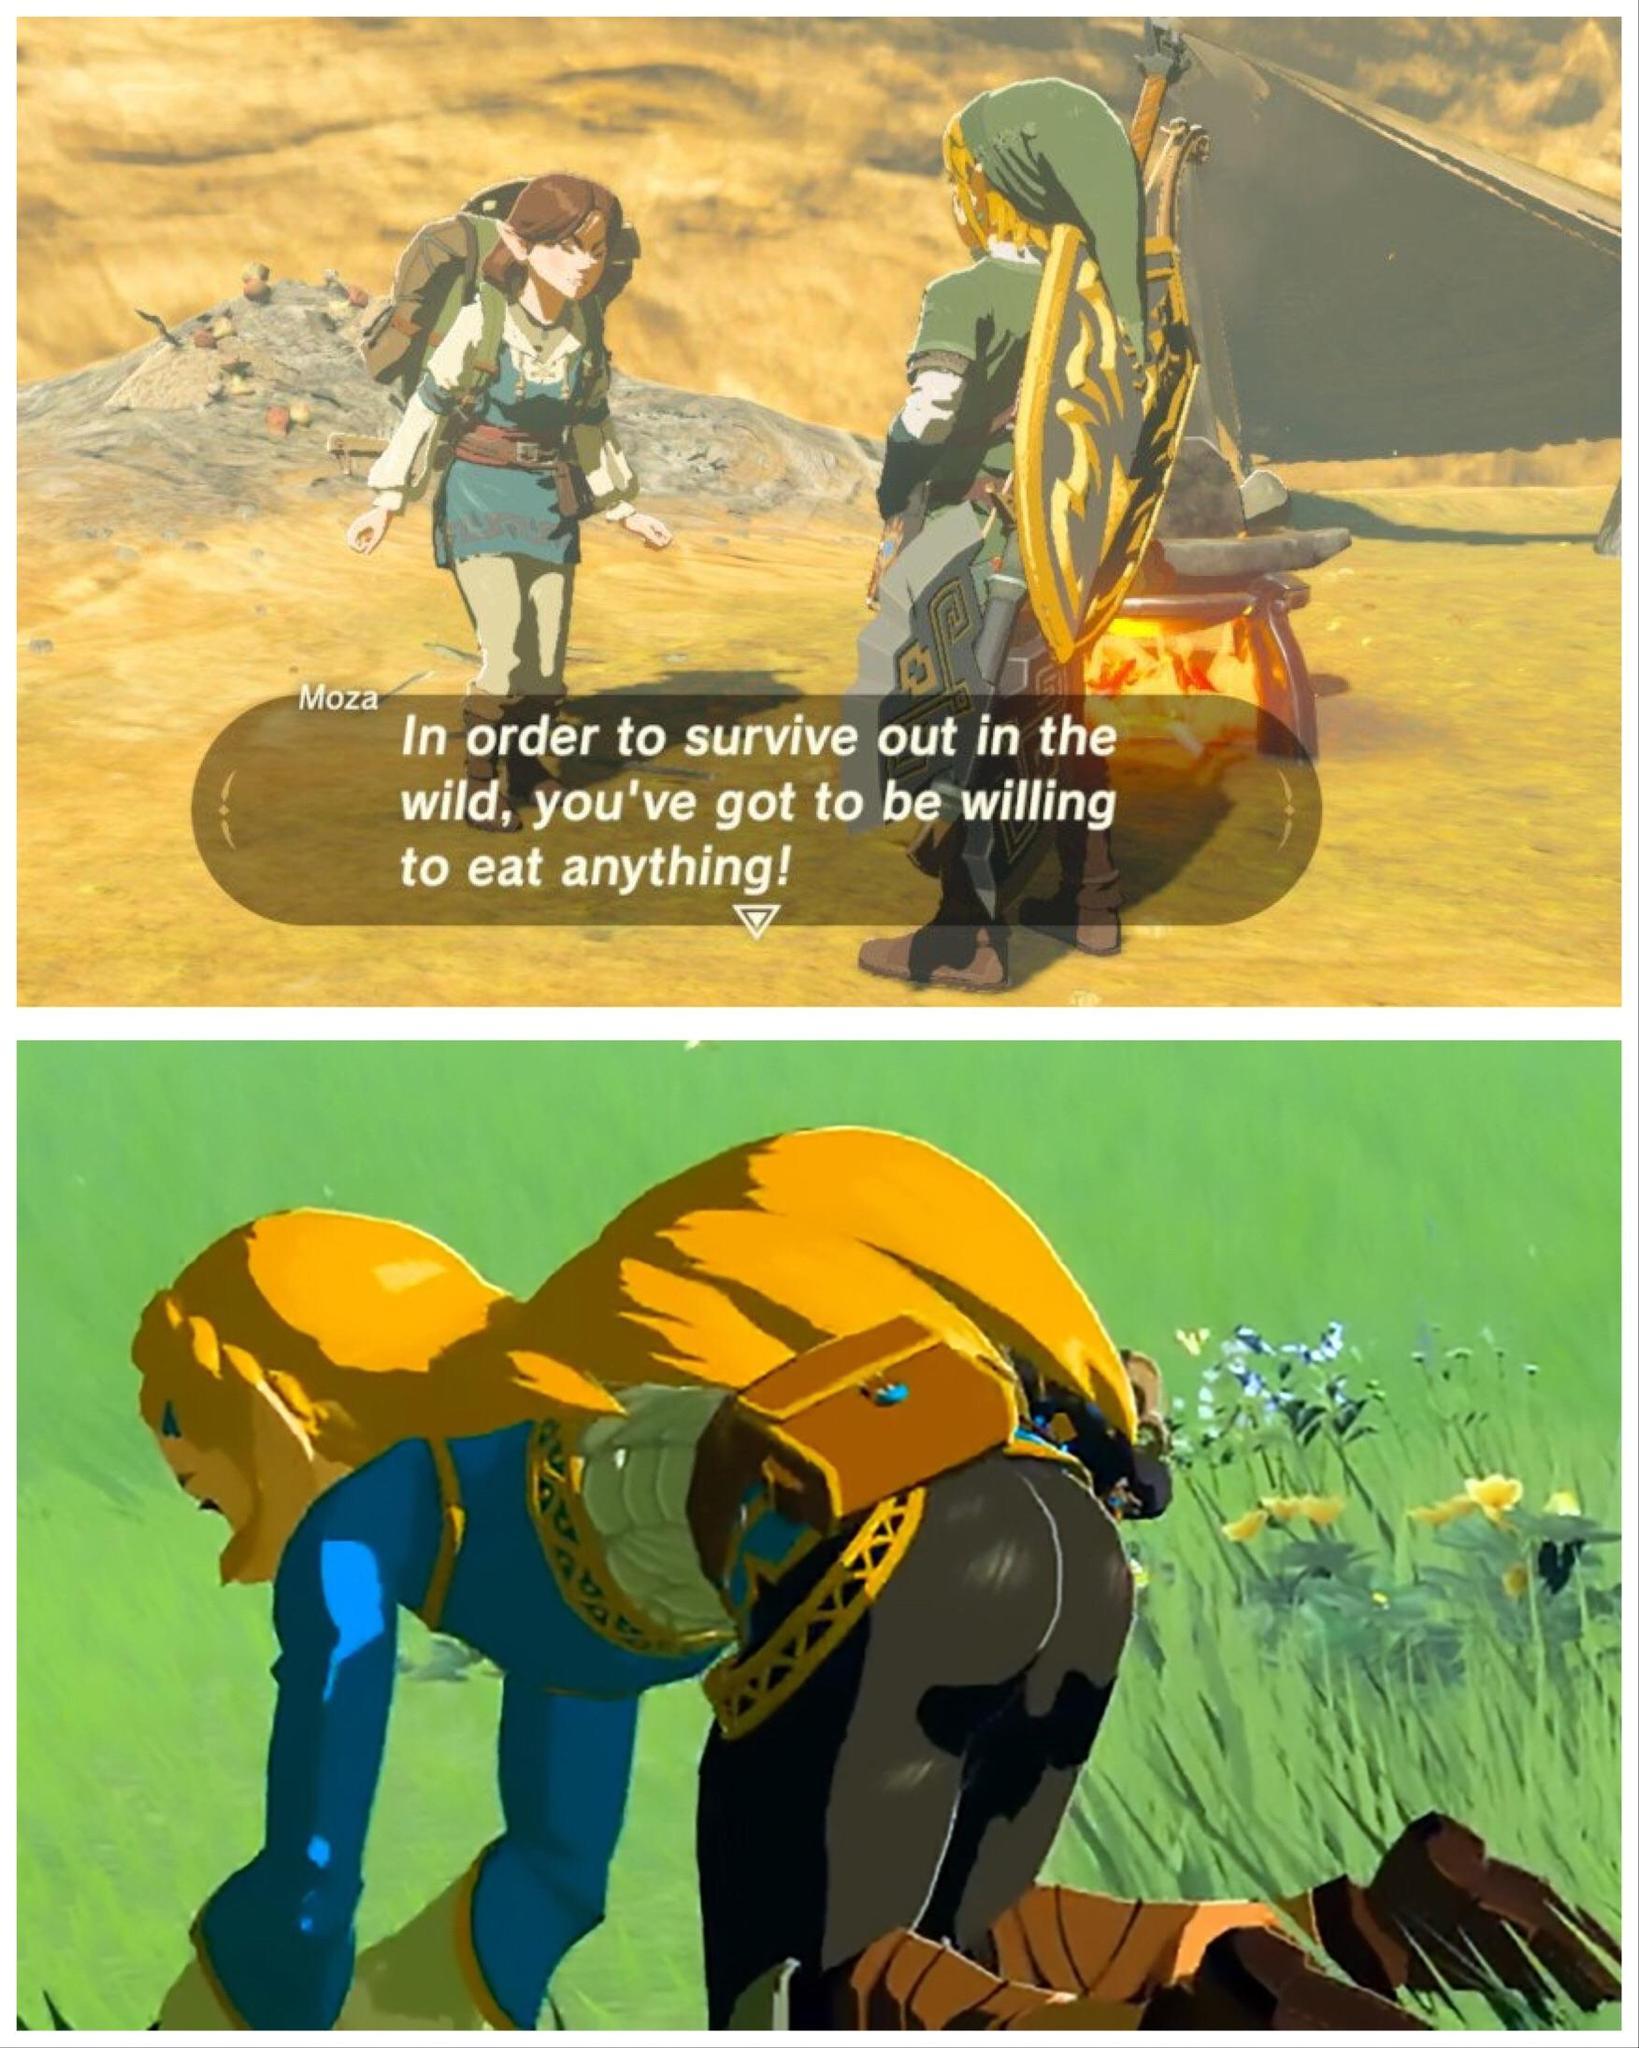 Para sobreviver na selva você tem que estar disposto a comer qualquer coisa - meme